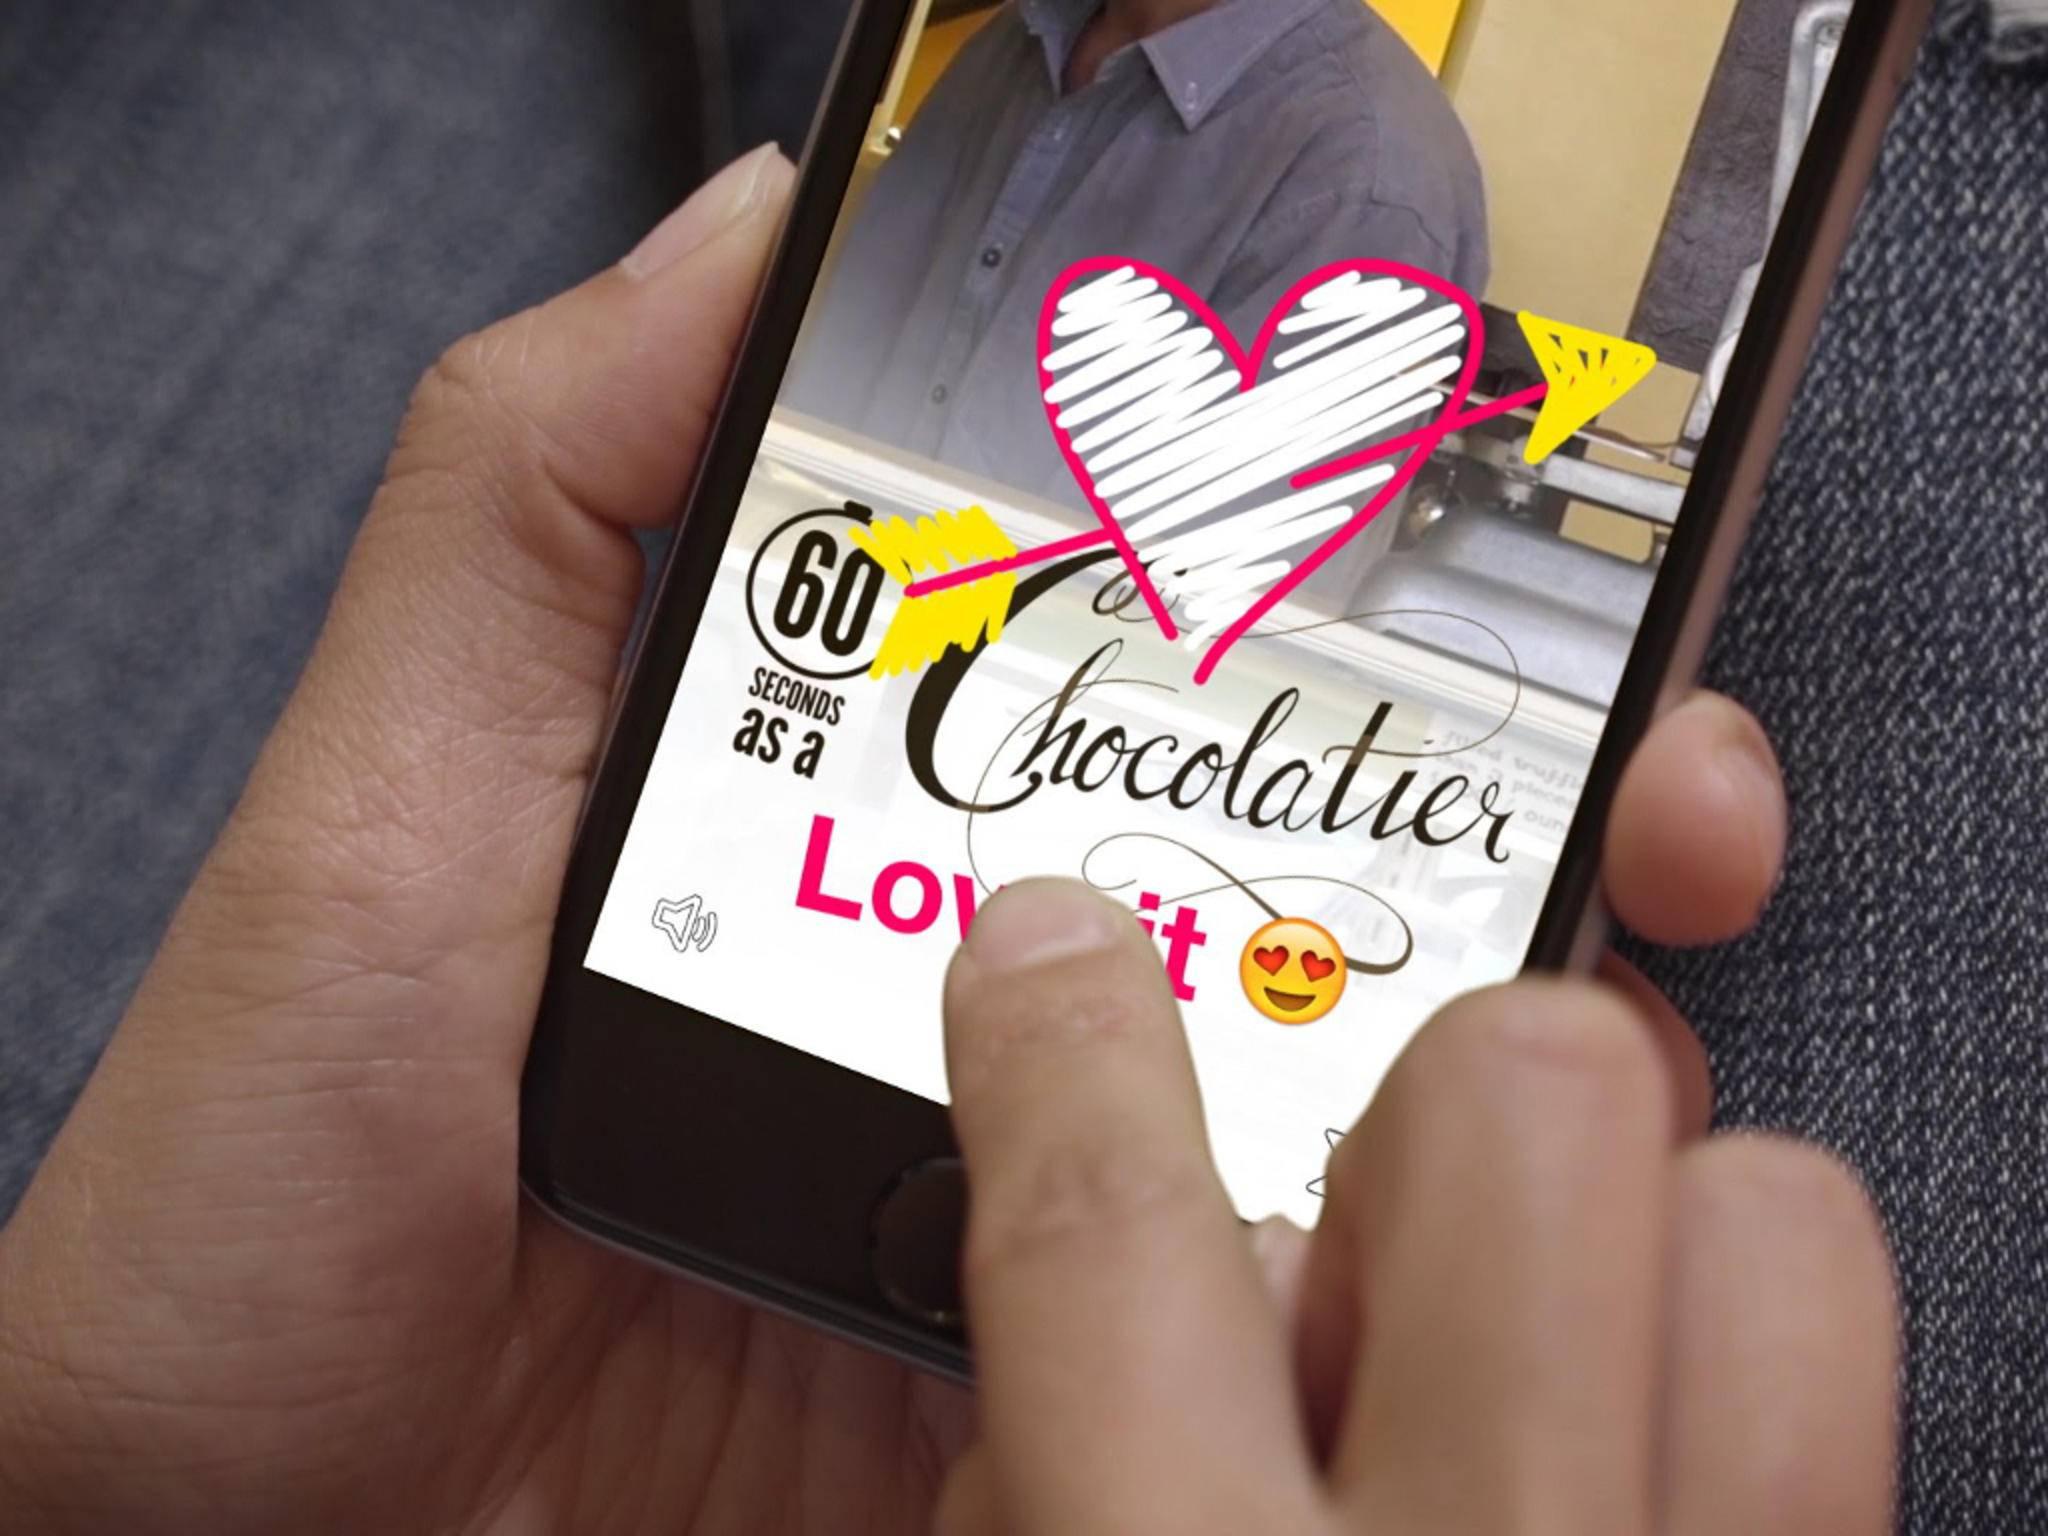 Nach Instagram und Facebook will nun auch Apple Snapchat-Feeling bieten.